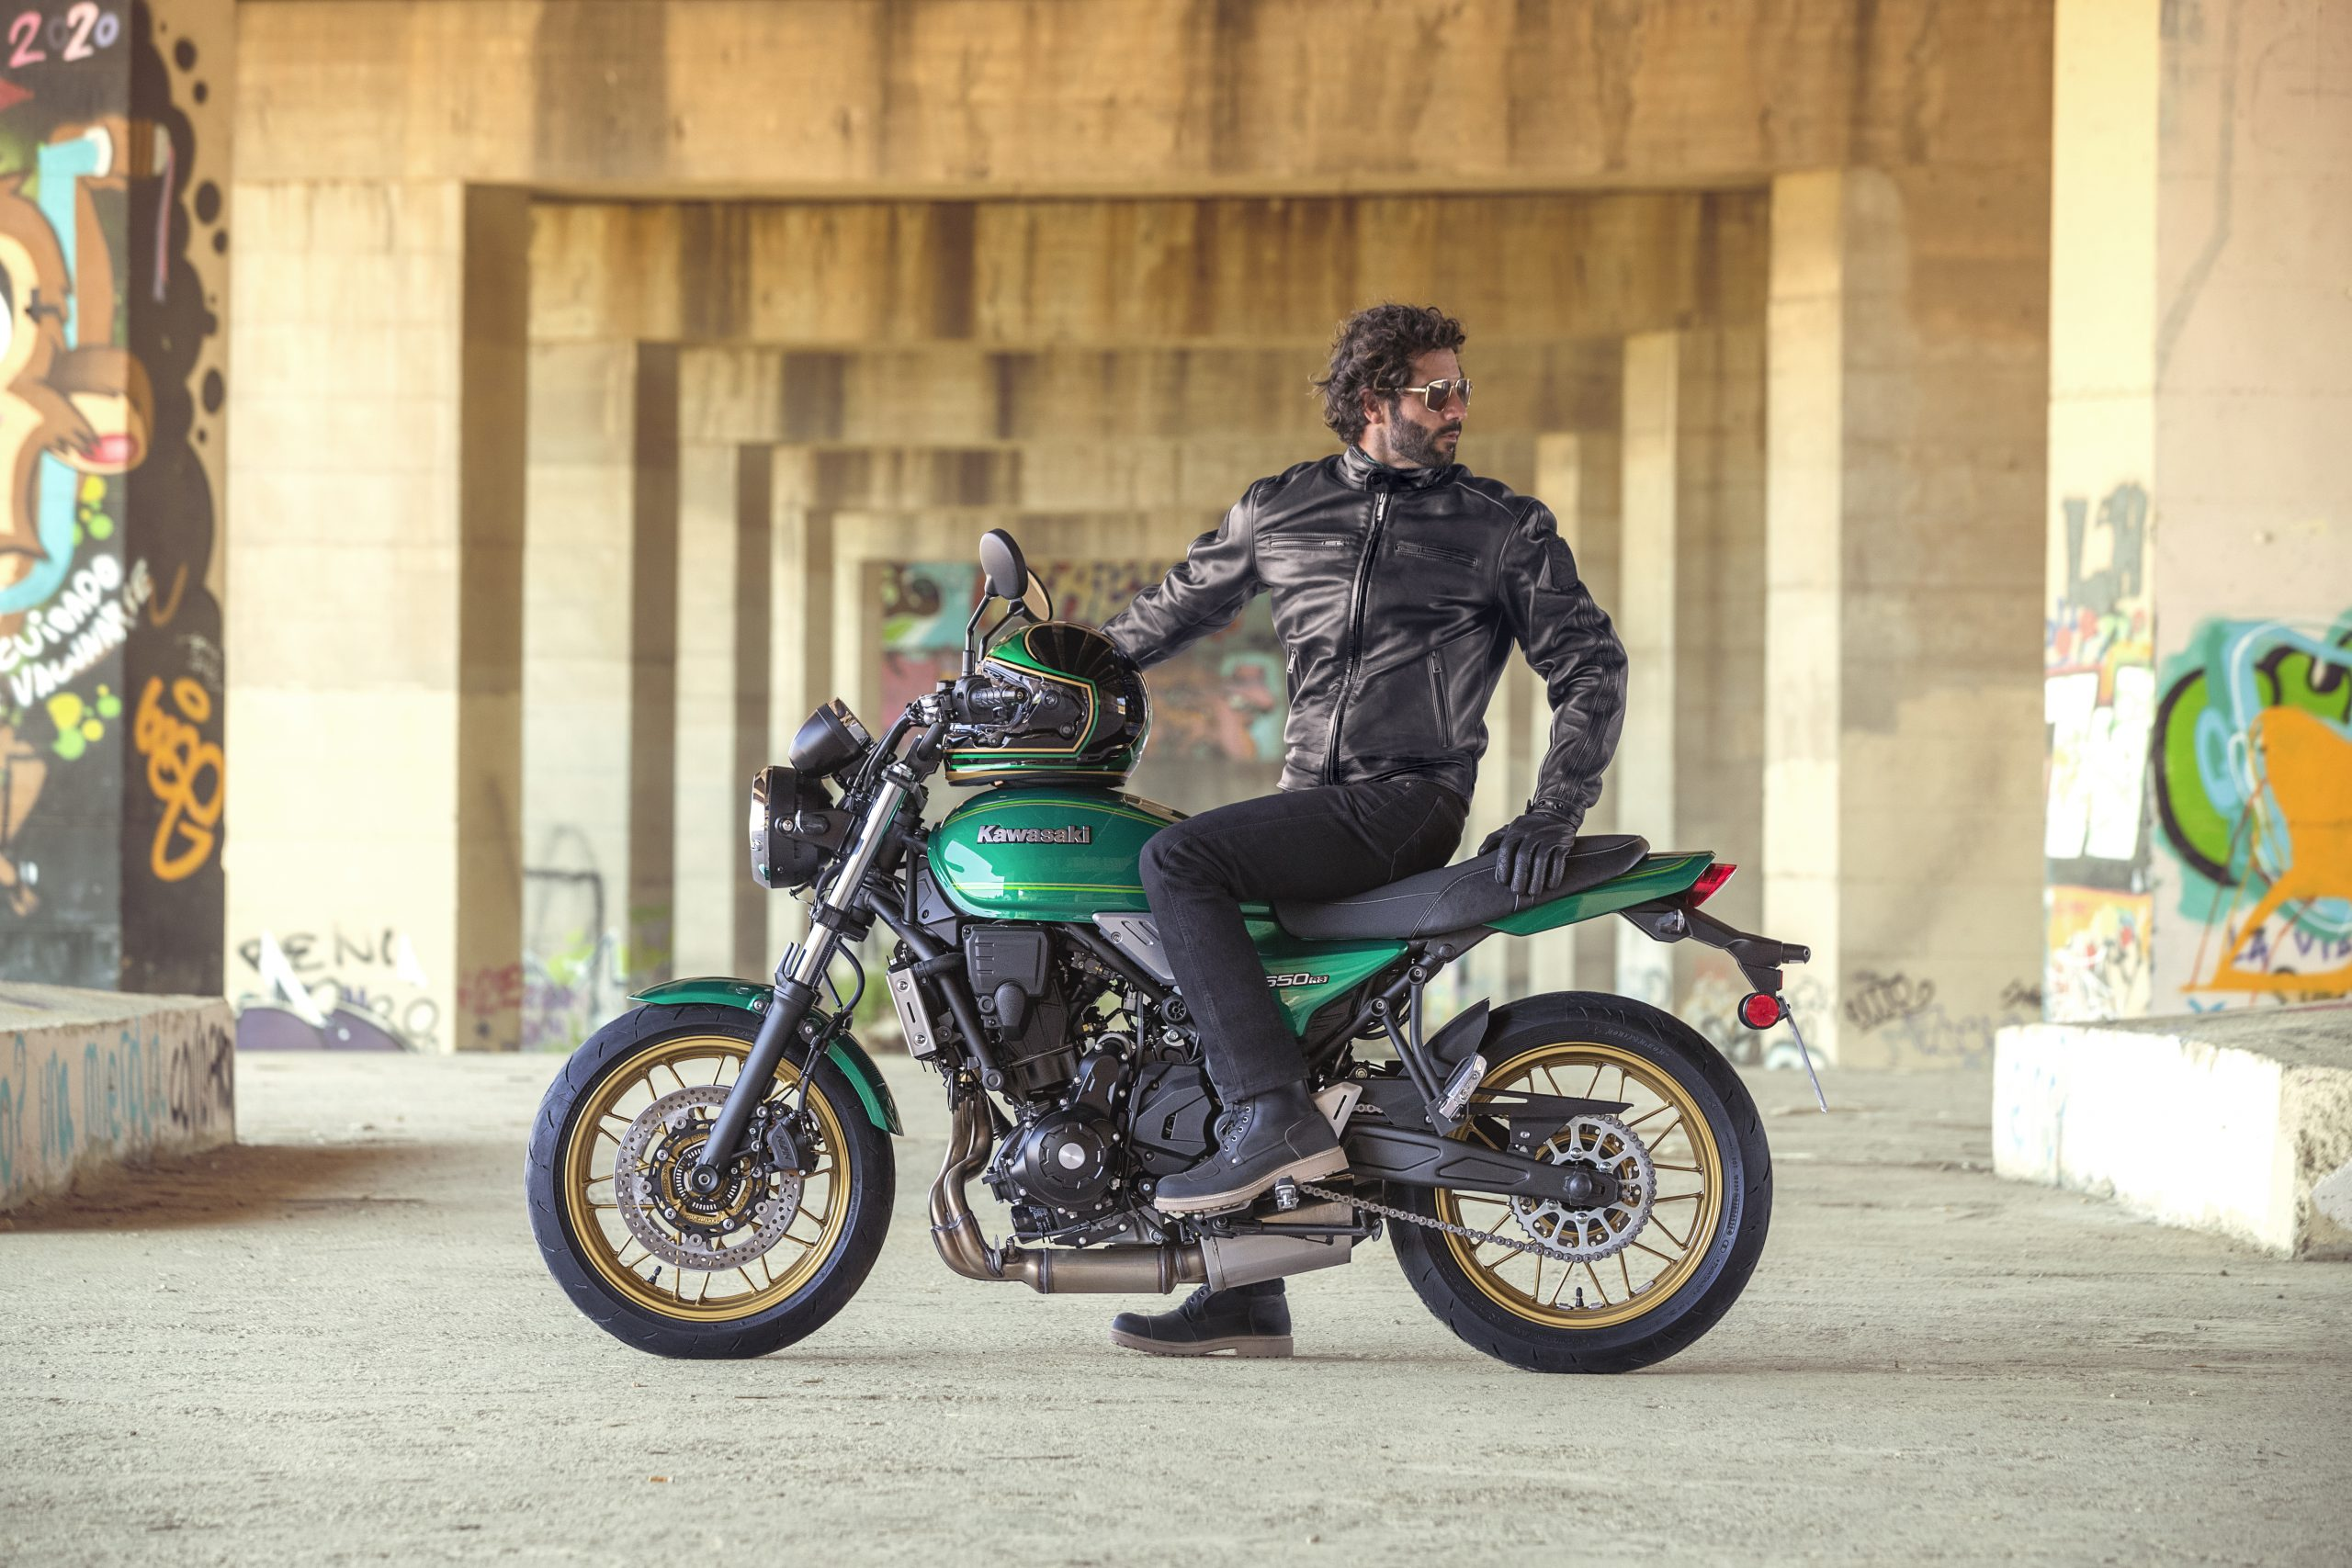 Kawasaki unveils new Z650RS – Motokicx